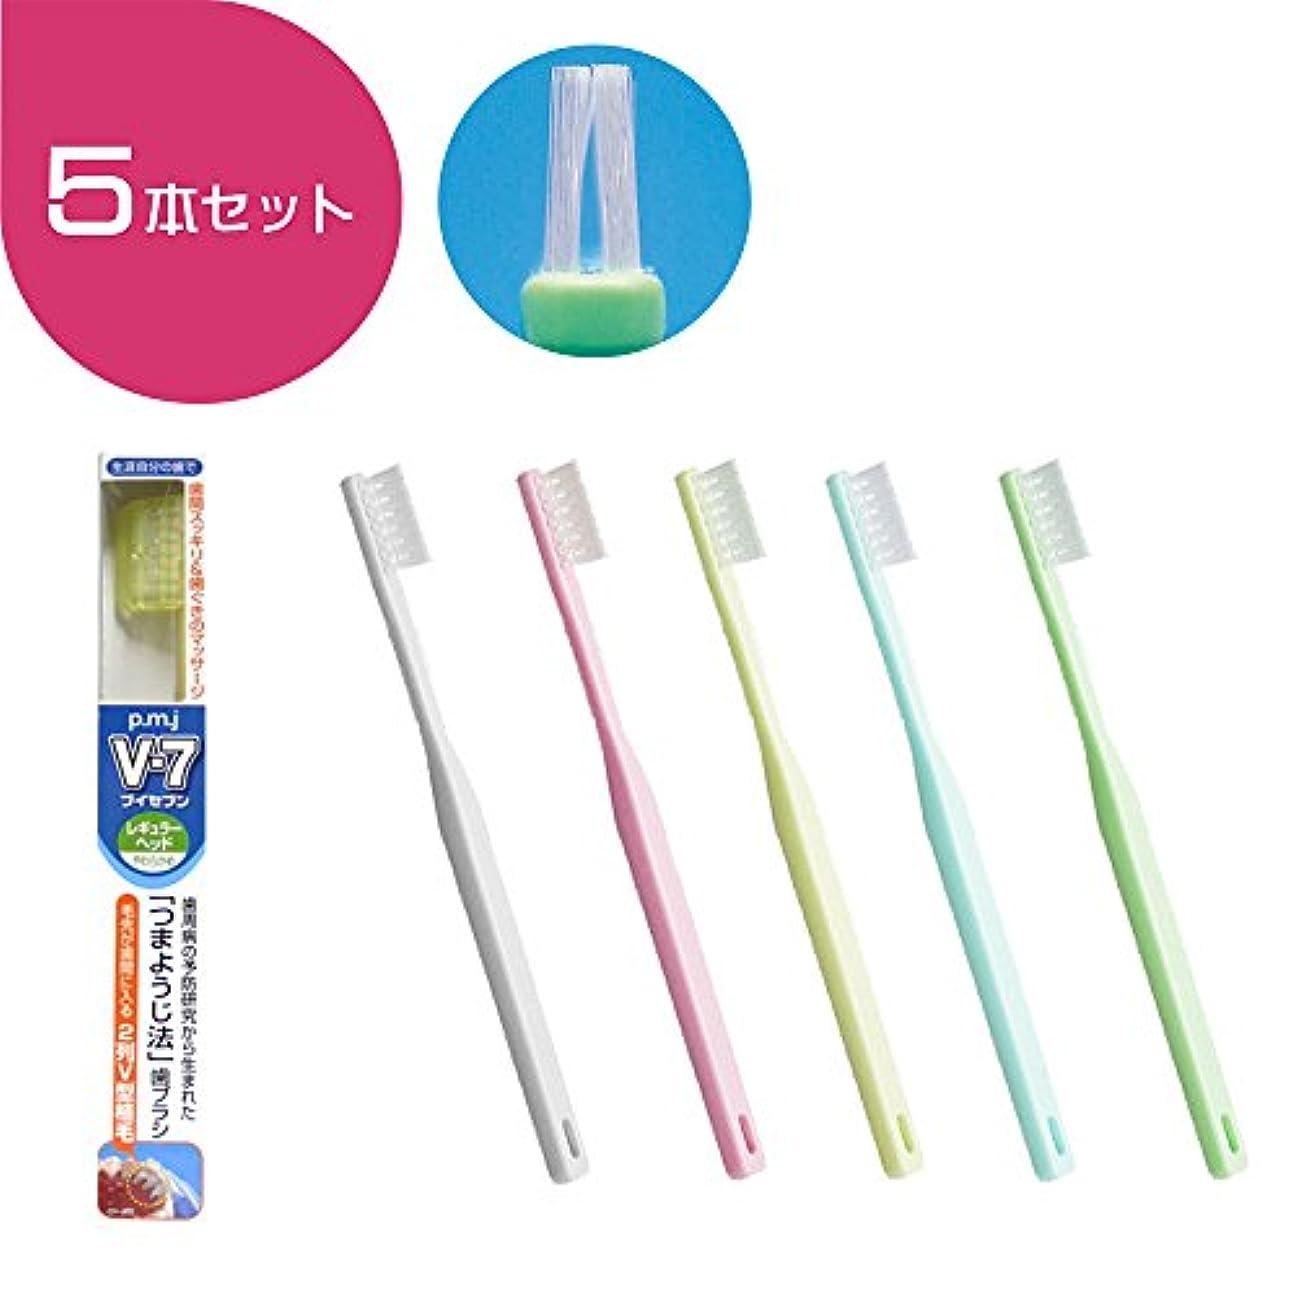 唇ノイズ物質V-7 ブイセブン レギュラーヘッド 5本 (ふつう)